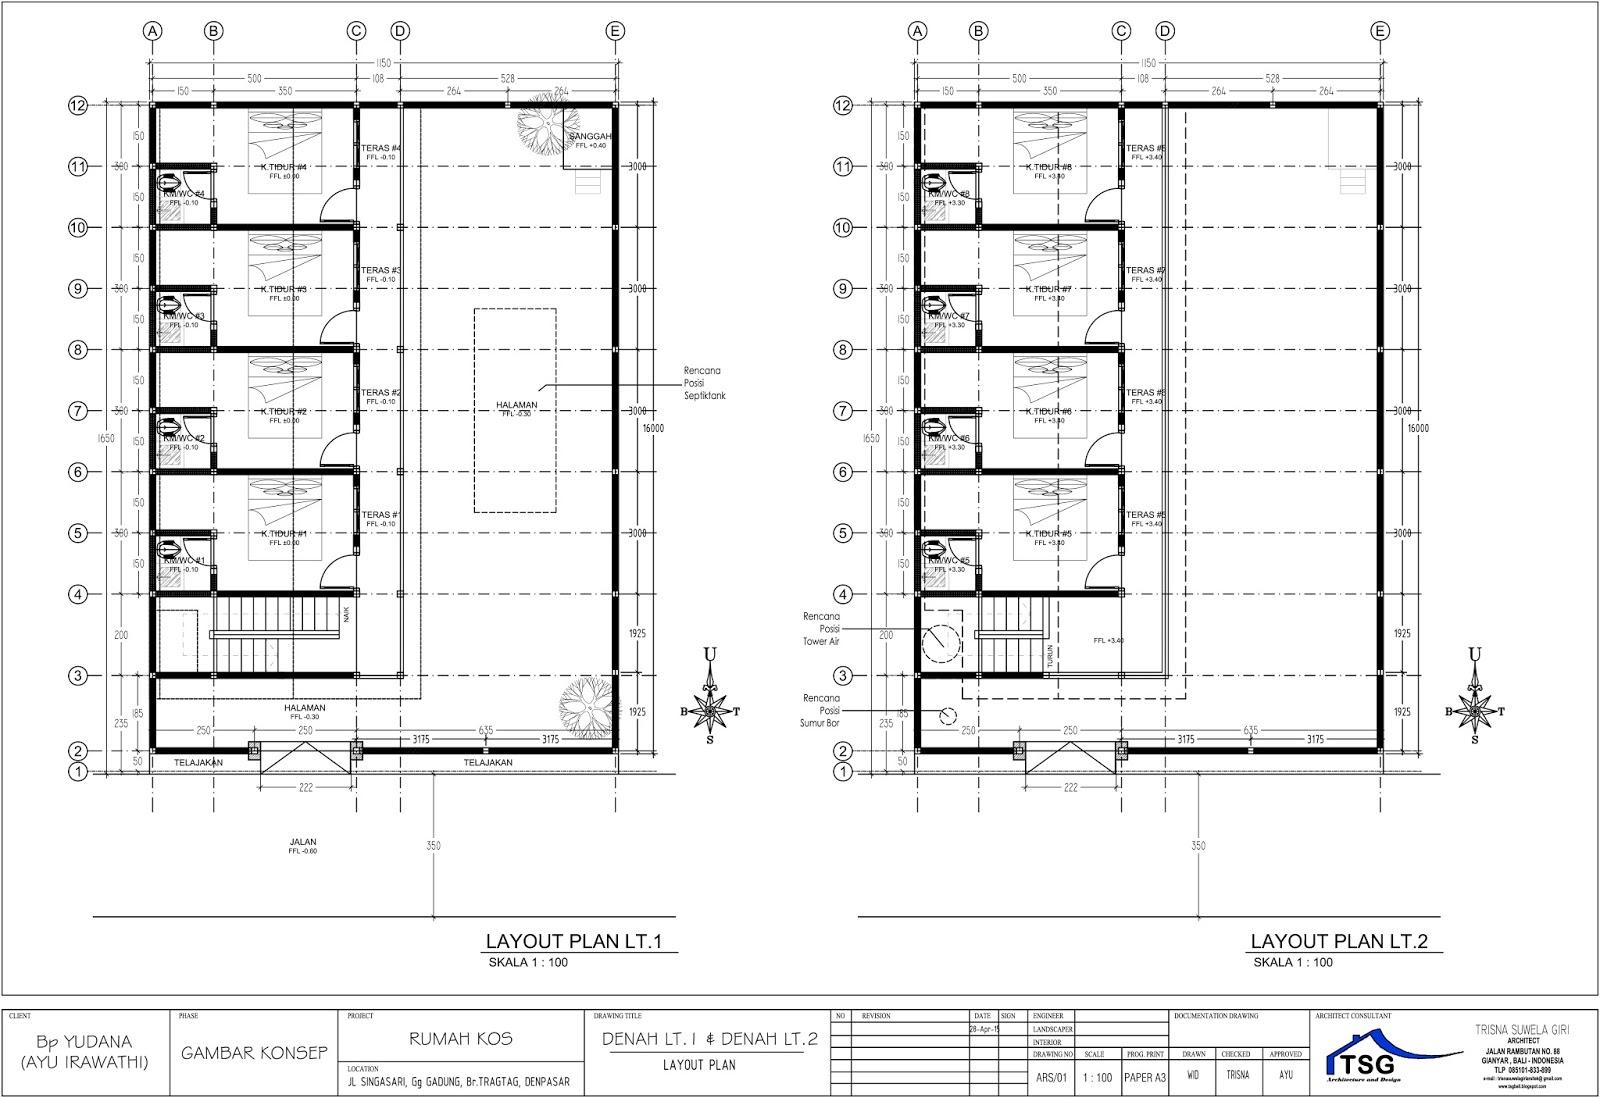 Jasa desain rumah kos denpasar konsep kost Denpasar gambar kost baru